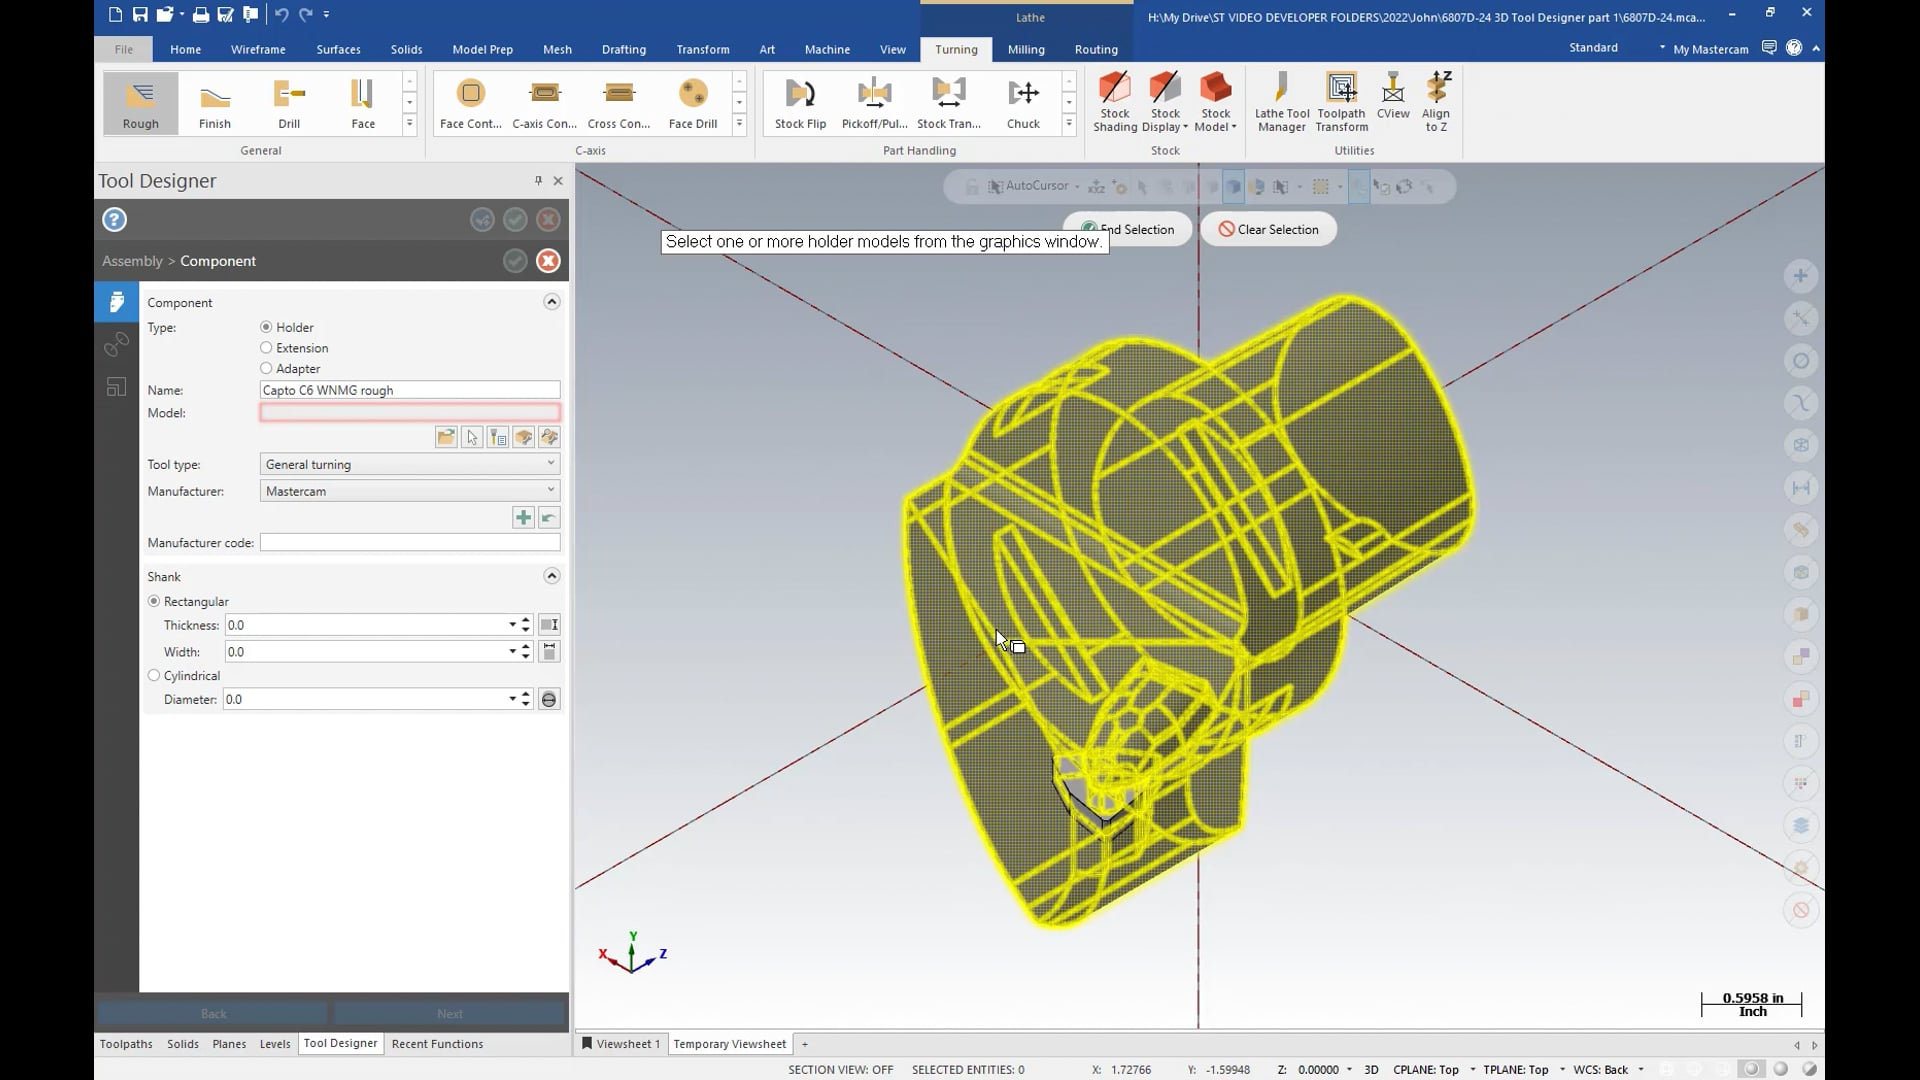 3D Tool Designer - Holders